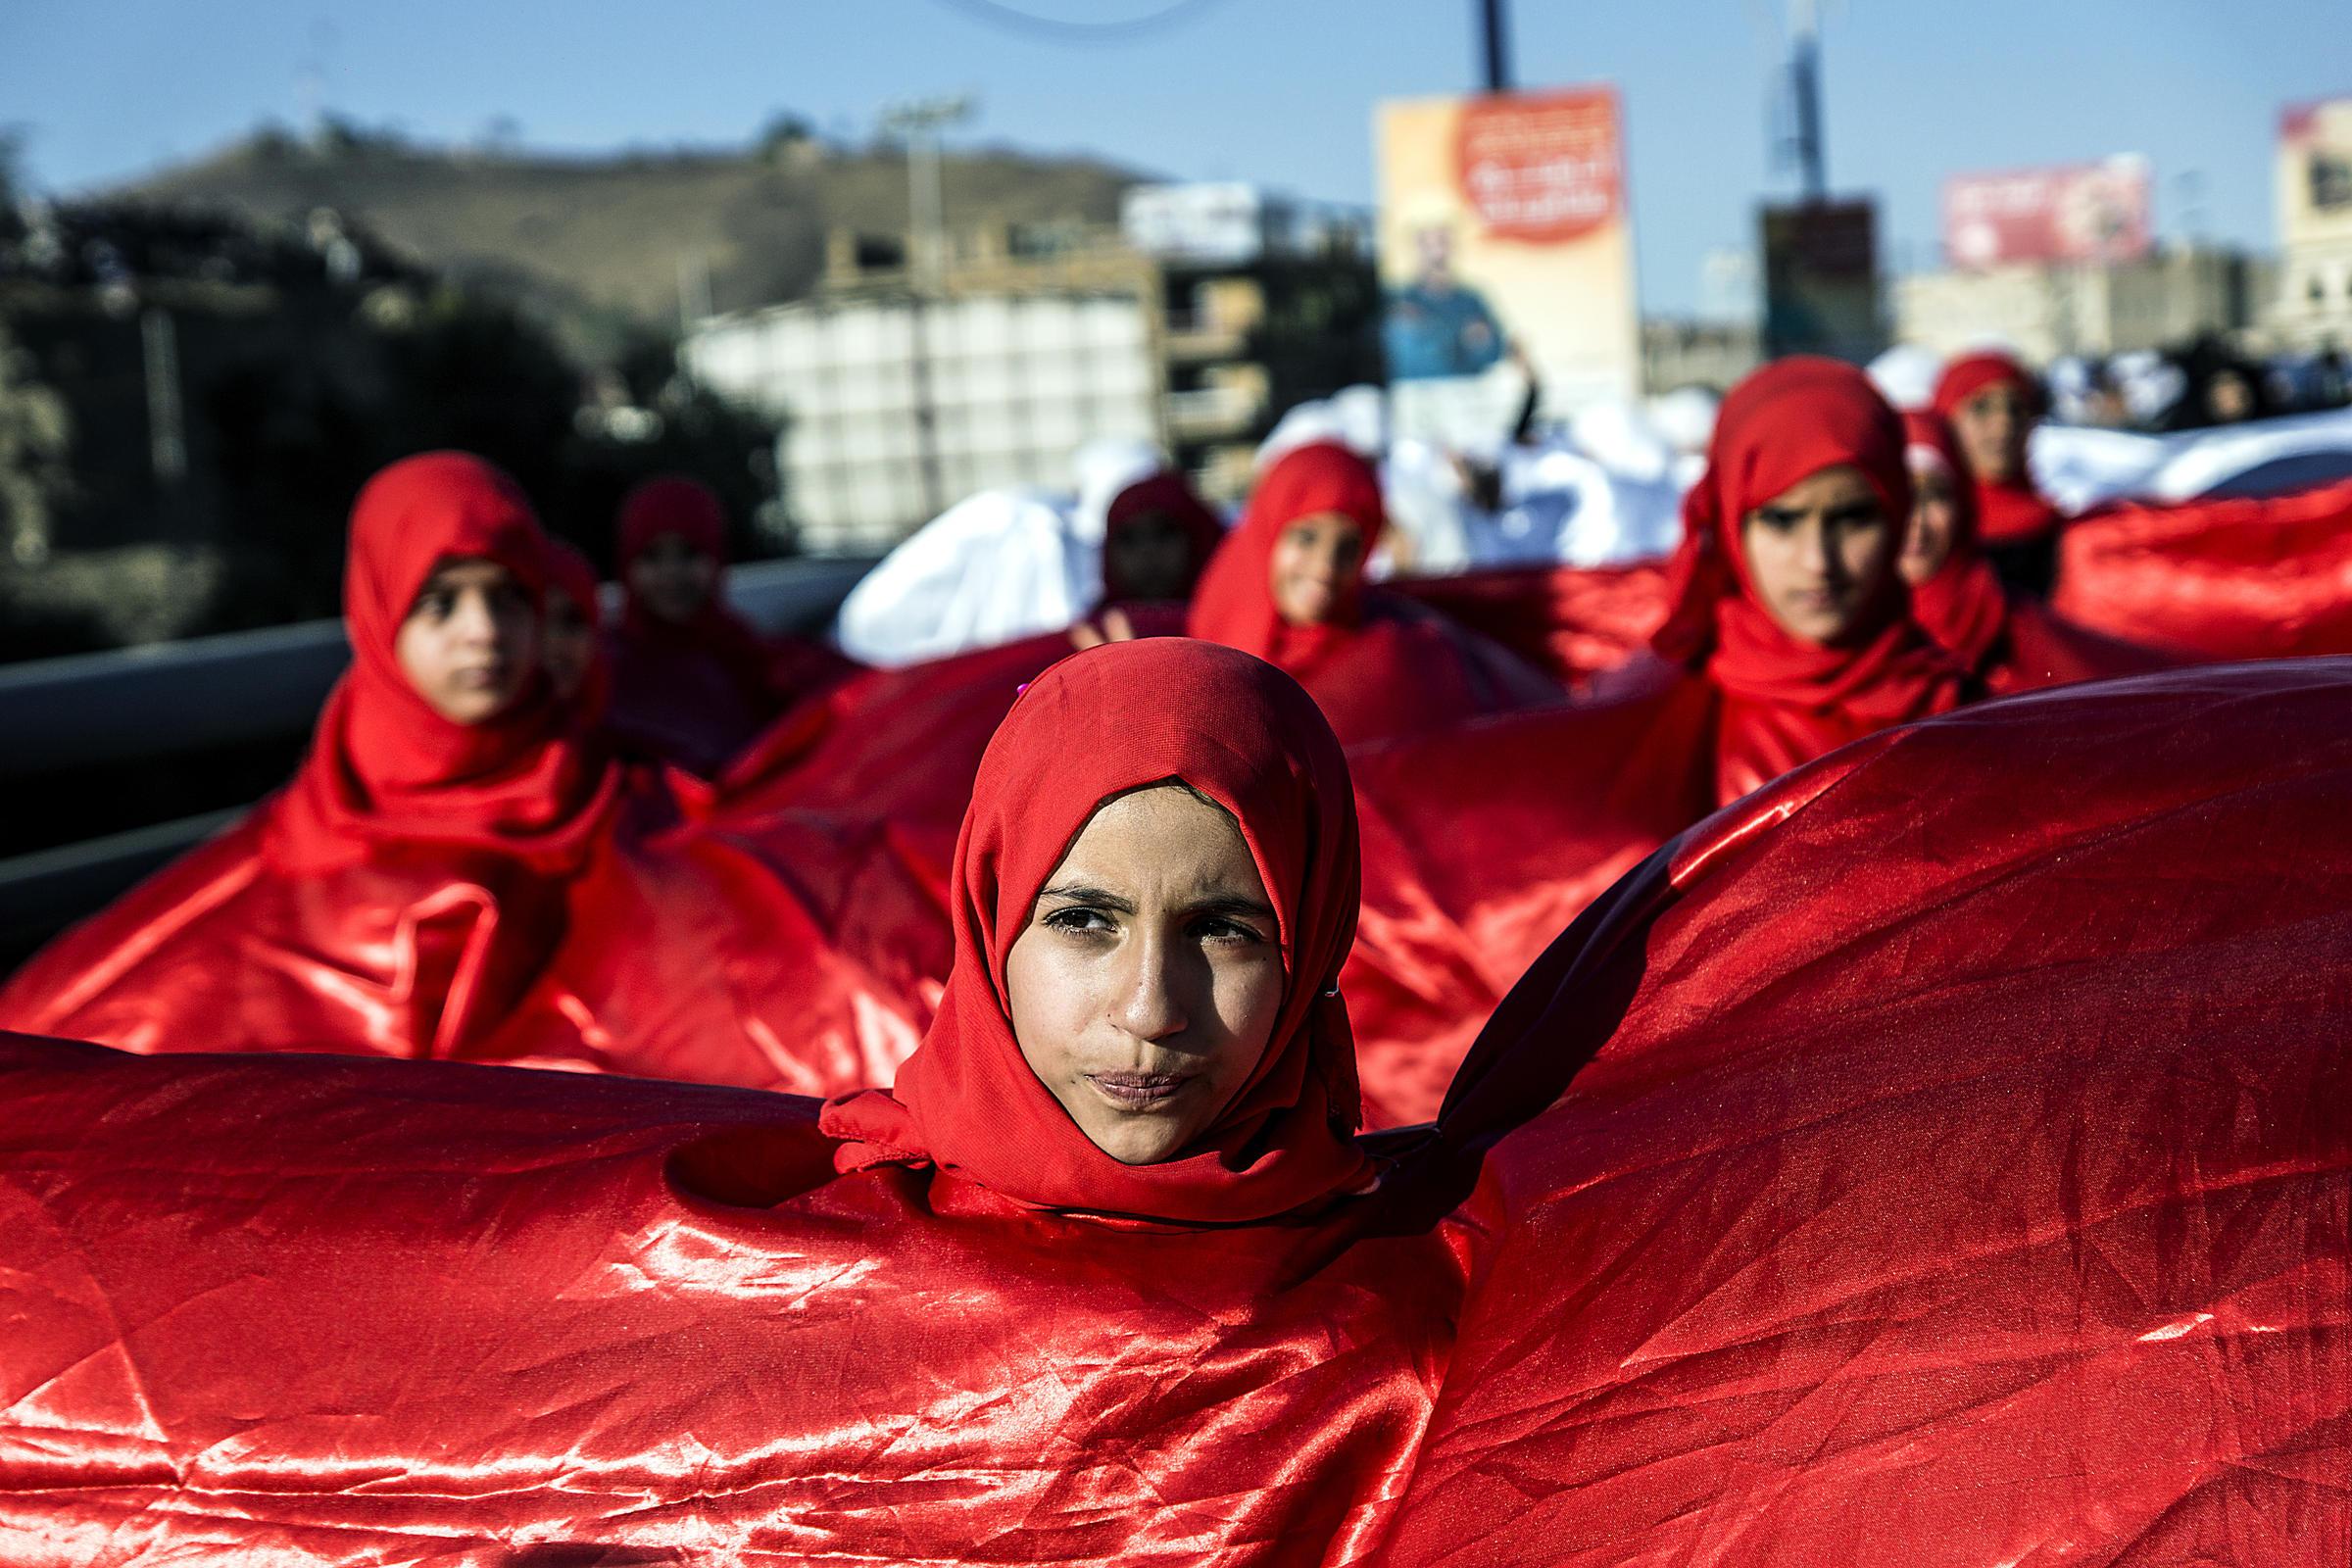 شاهد أبرز ثمان صور للصحفي الامريكي لوك سومرز اثناء تواجده في اليمن